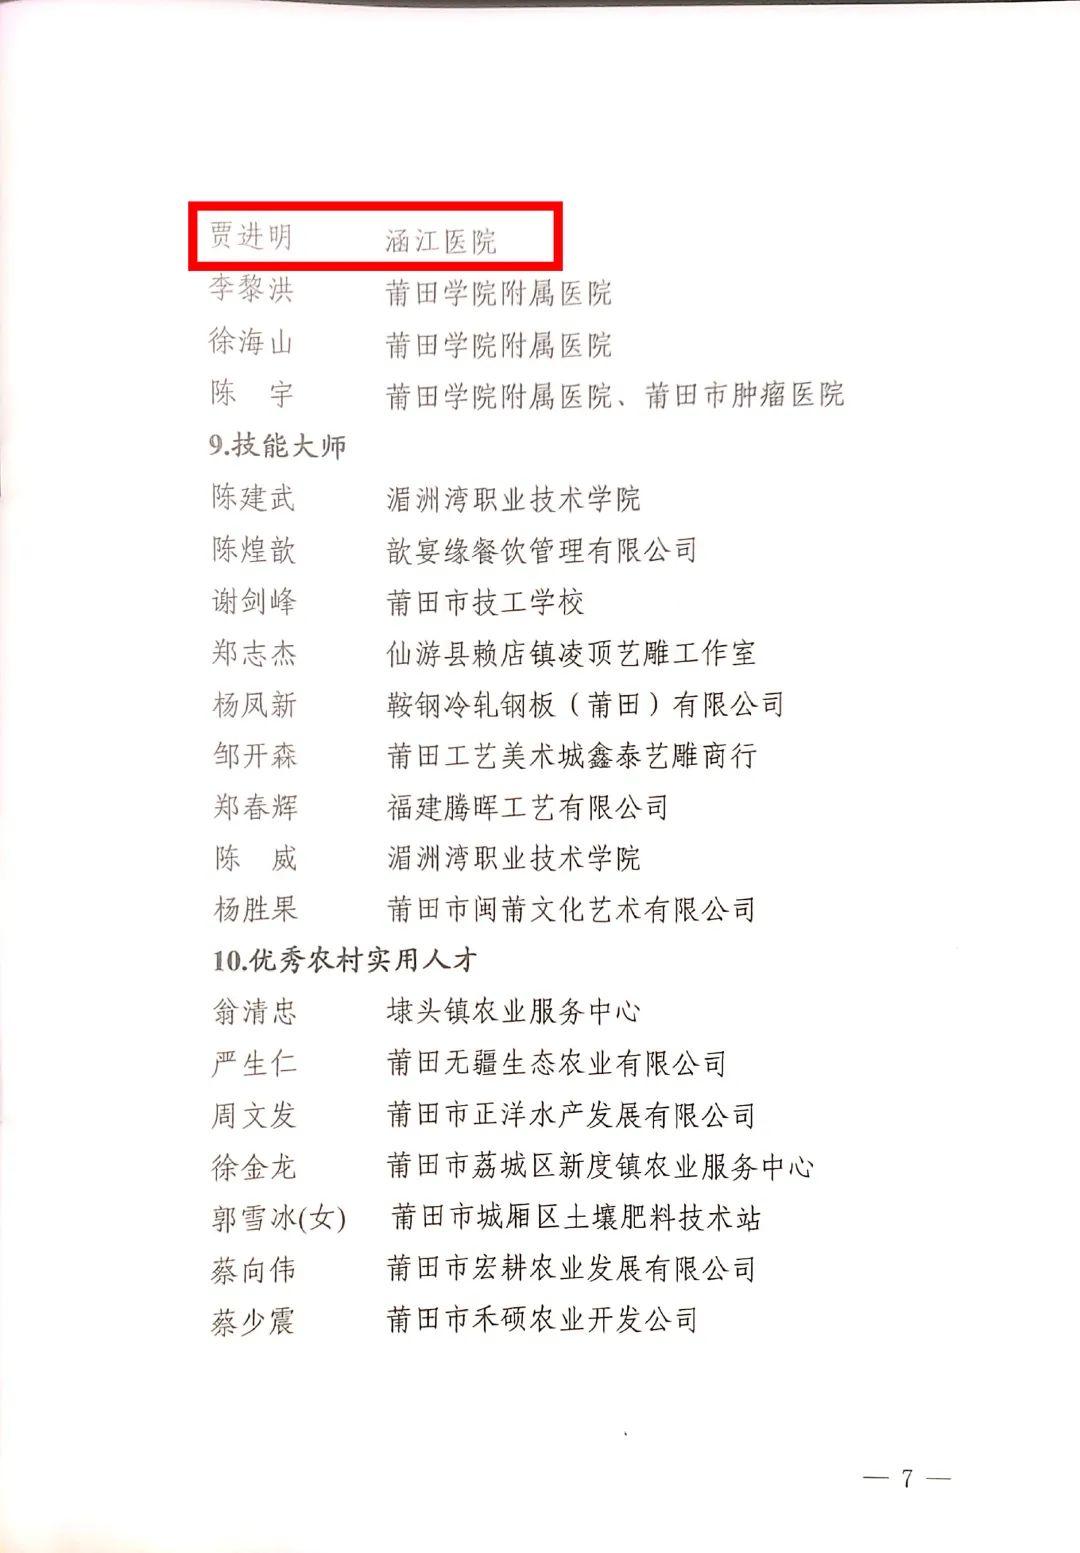 福建国药东南医院重症医学科贾进明主任入选莆田市「壶兰英才」